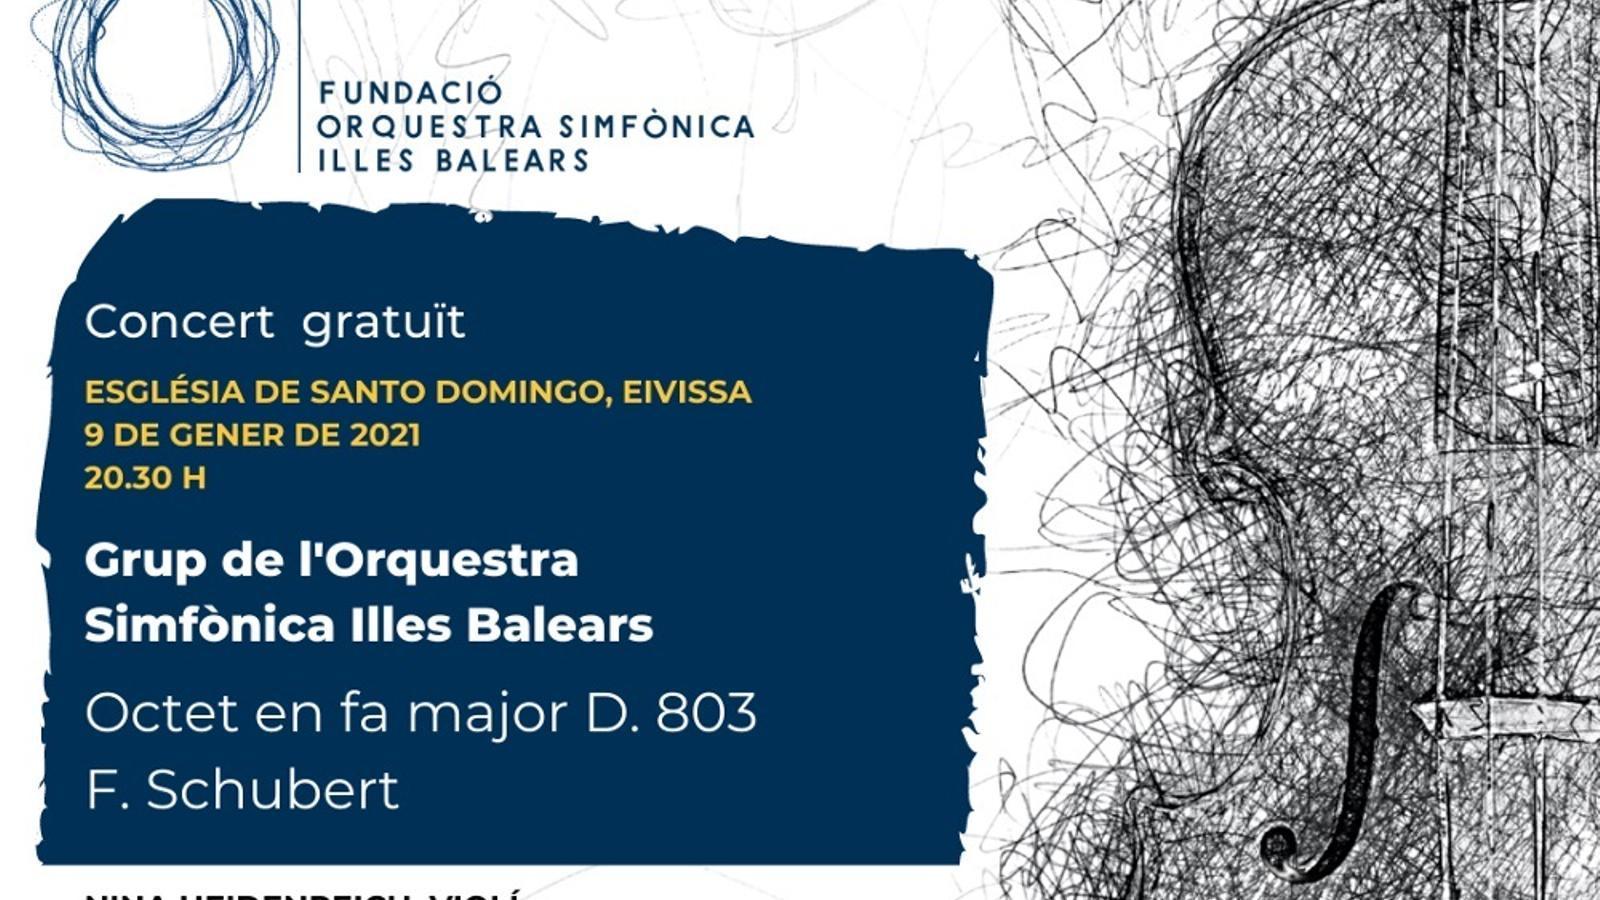 La Simfònica ofereix dos concerts en petit format a Campanet i Sant Domingo